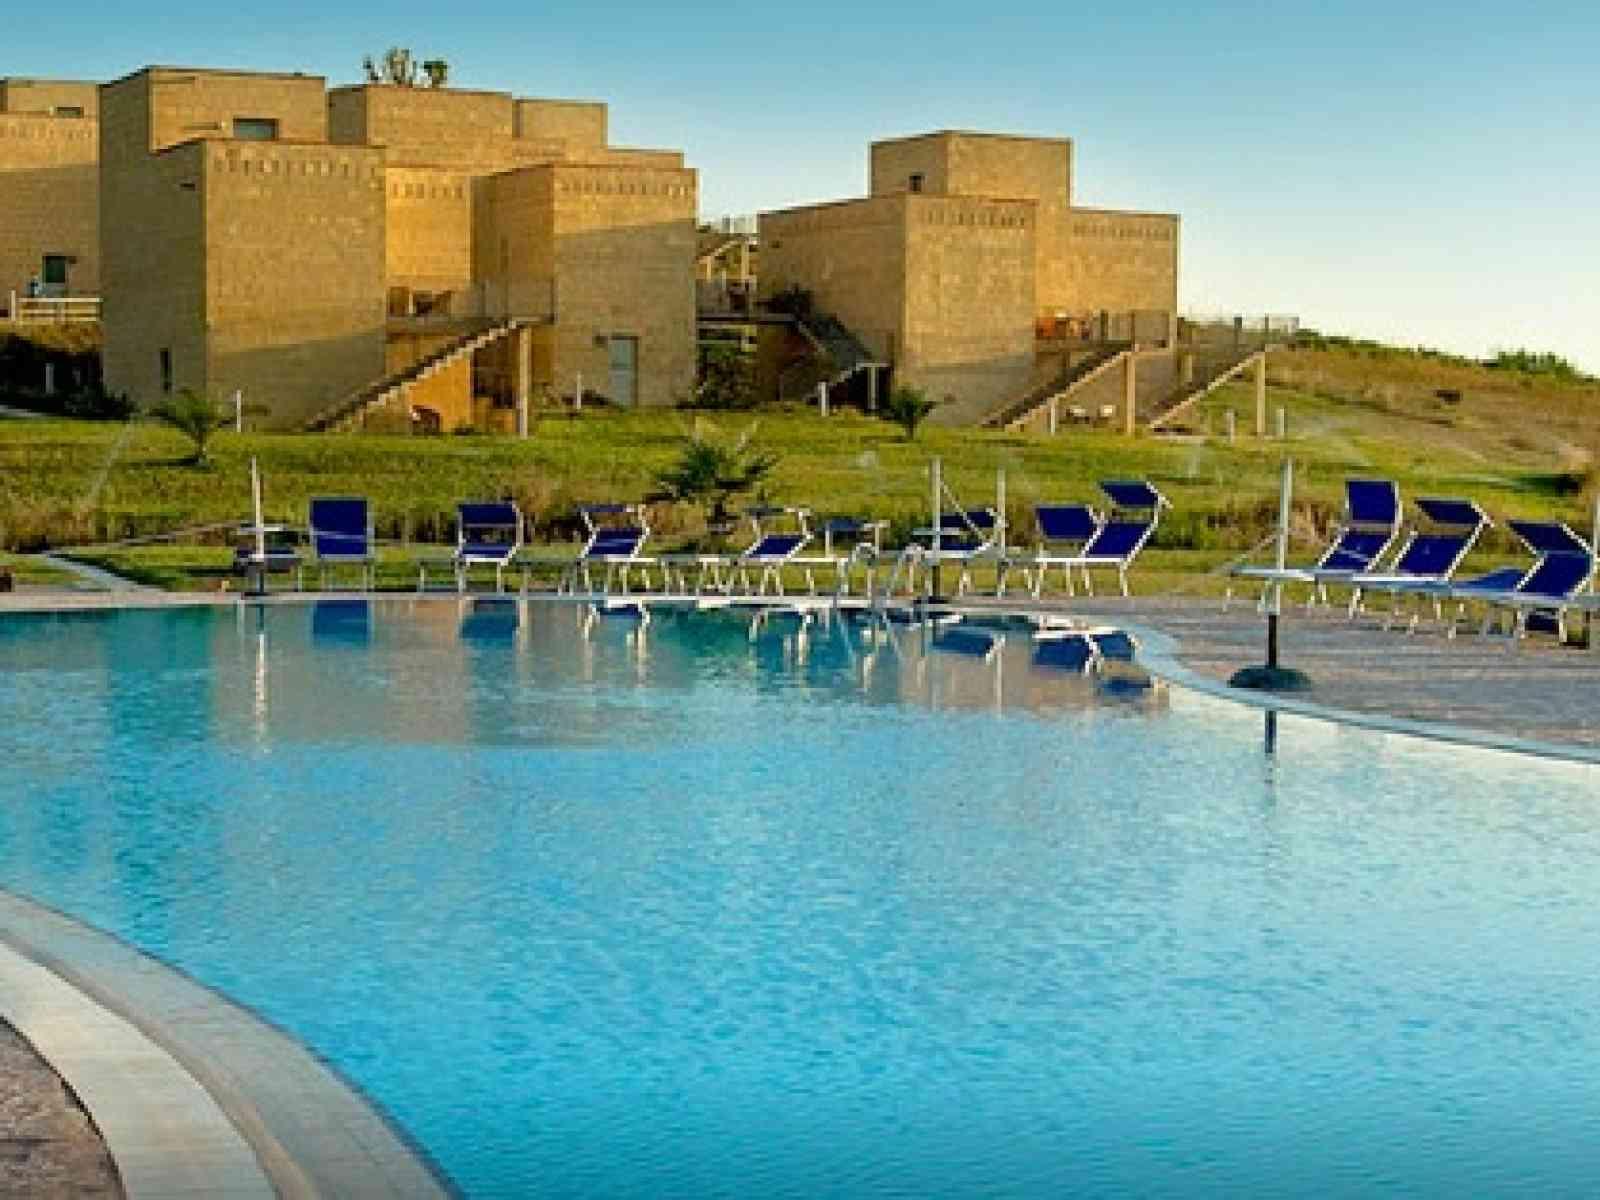 30 milioni di euro per alberghi siciliani. Menfi, Sambuca, Castelvetrano e Gibellina in elenco